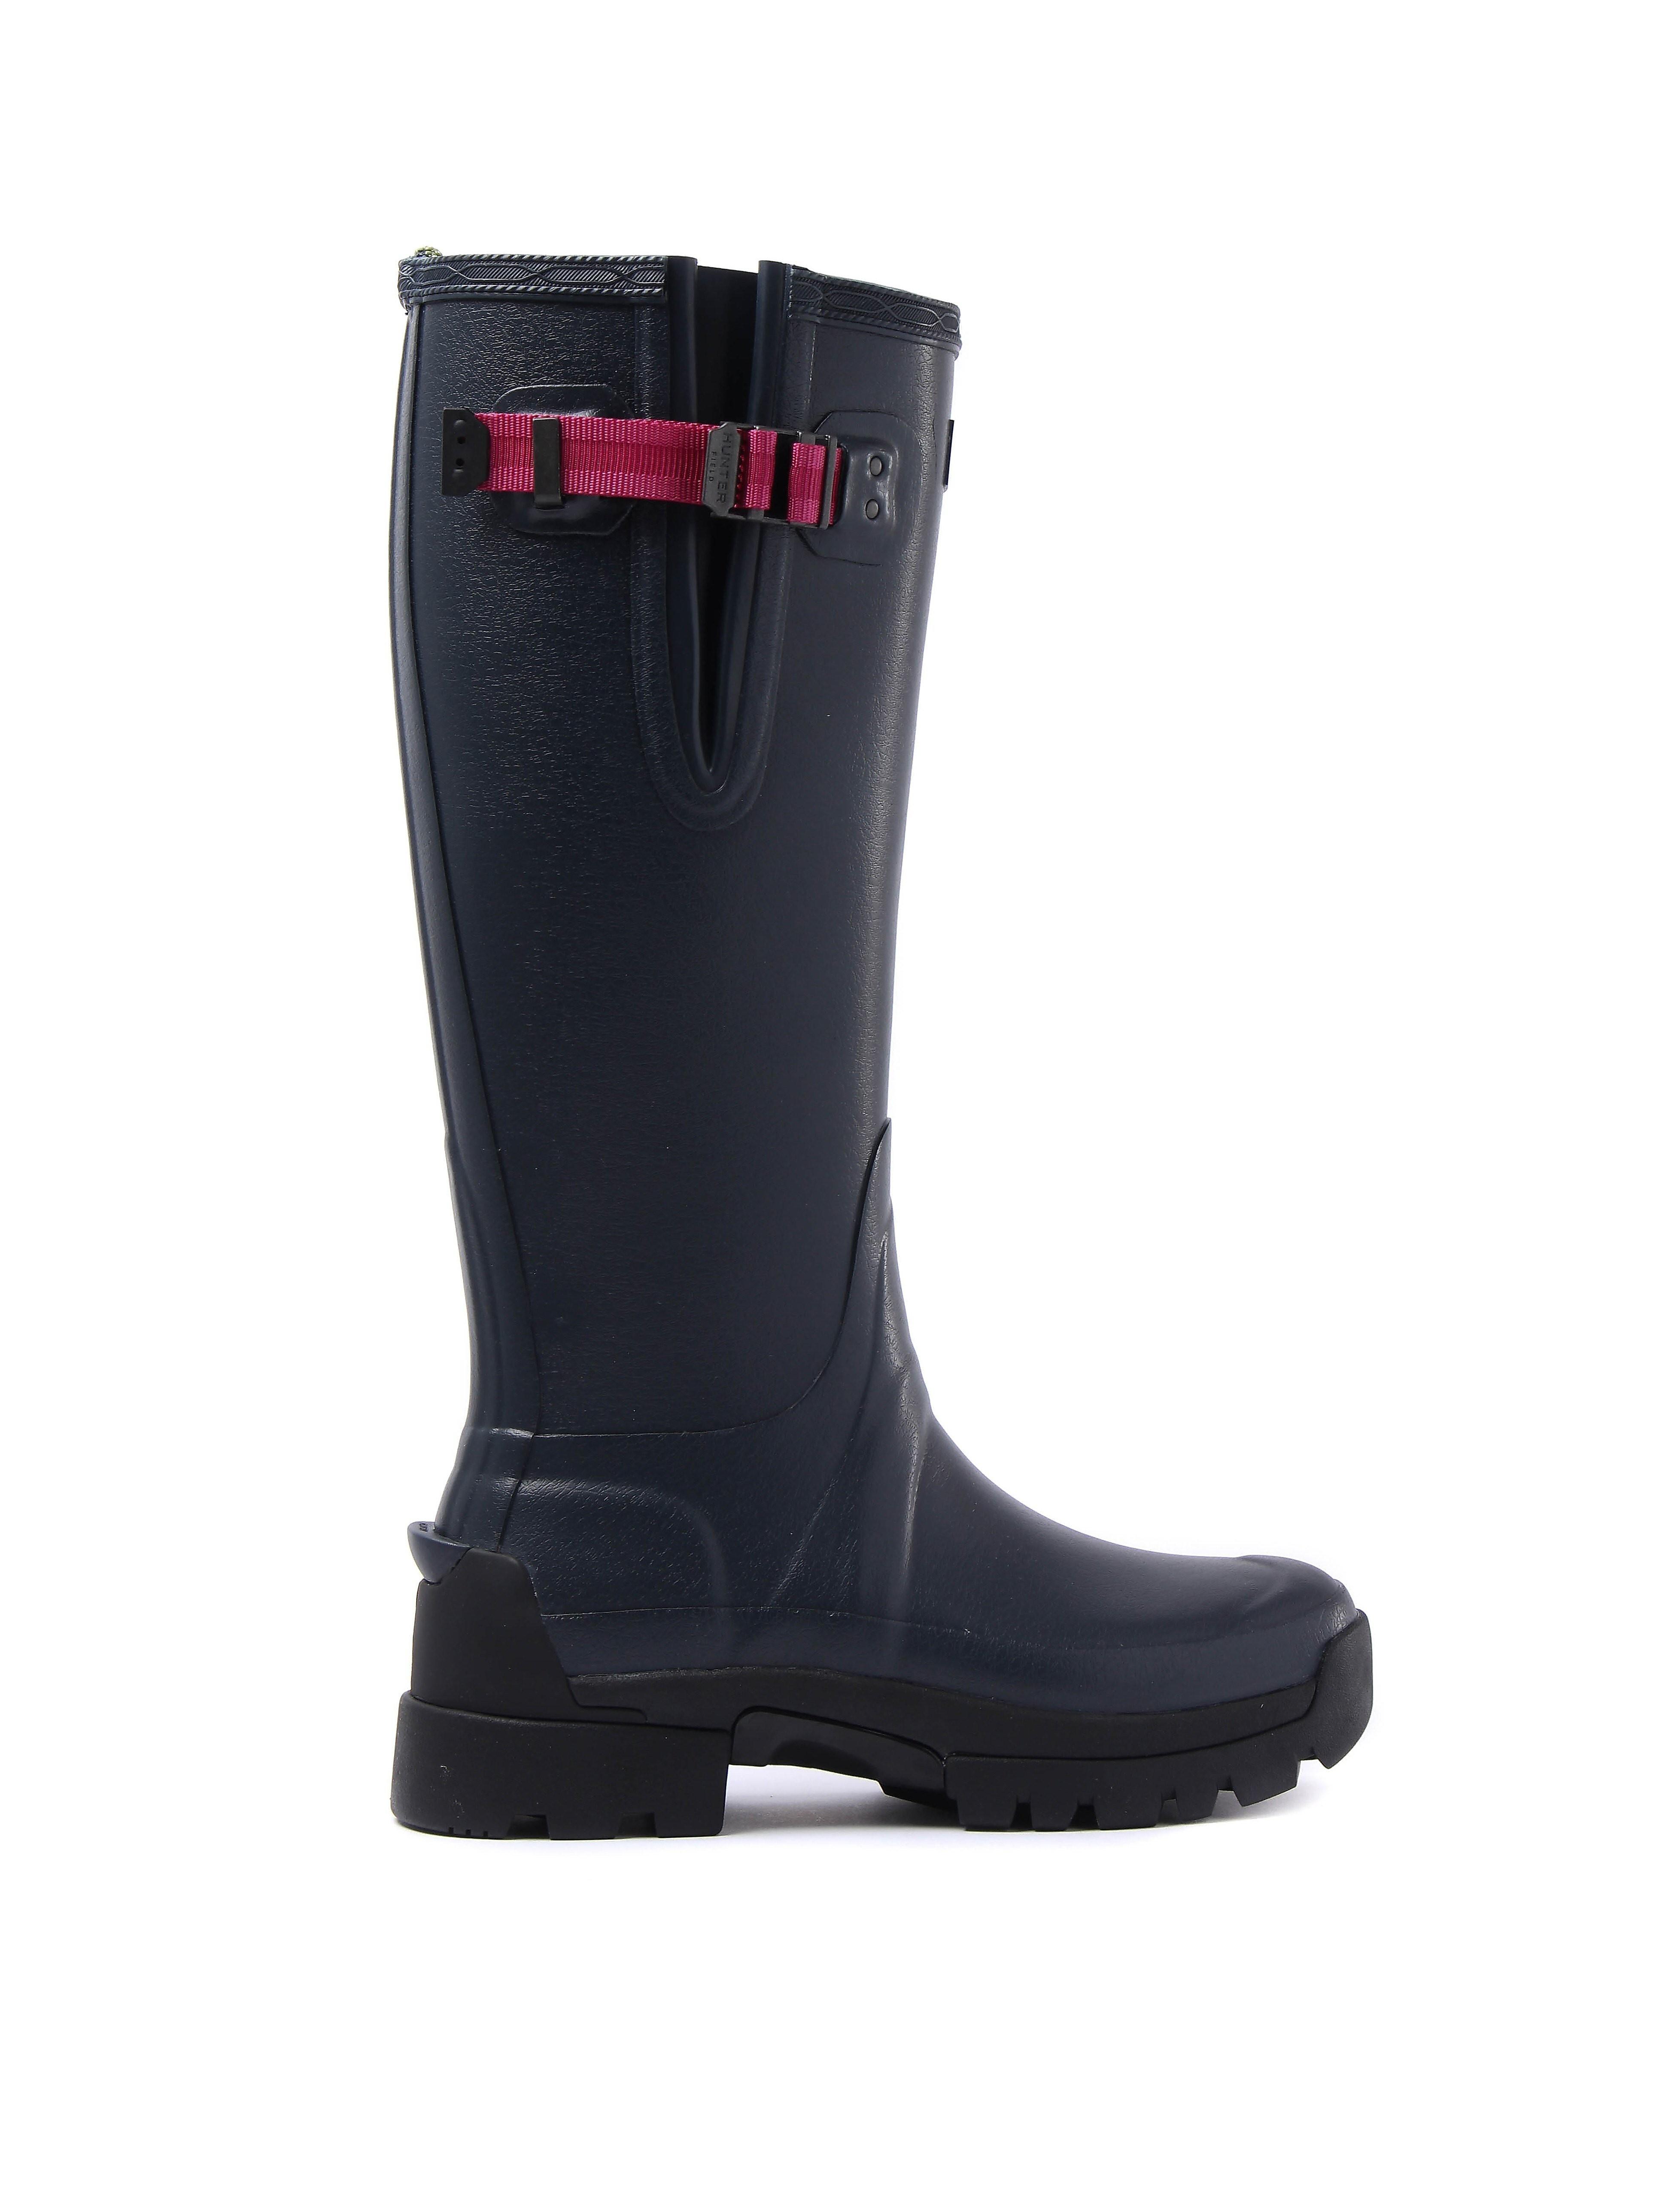 Hunter Wellies Women's Original Tall Adjustable Wellington Boots - Navy/Peppercorn